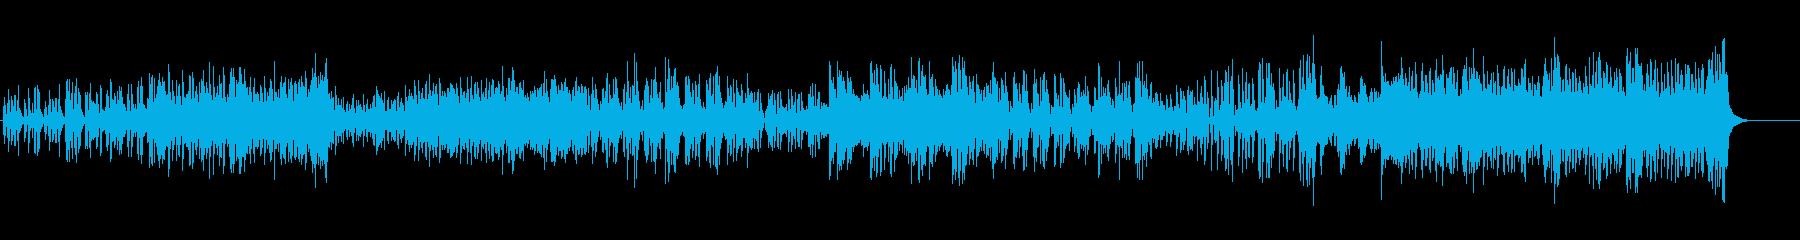 【ブラス無】南国/ラテン/楽しい/明るいの再生済みの波形